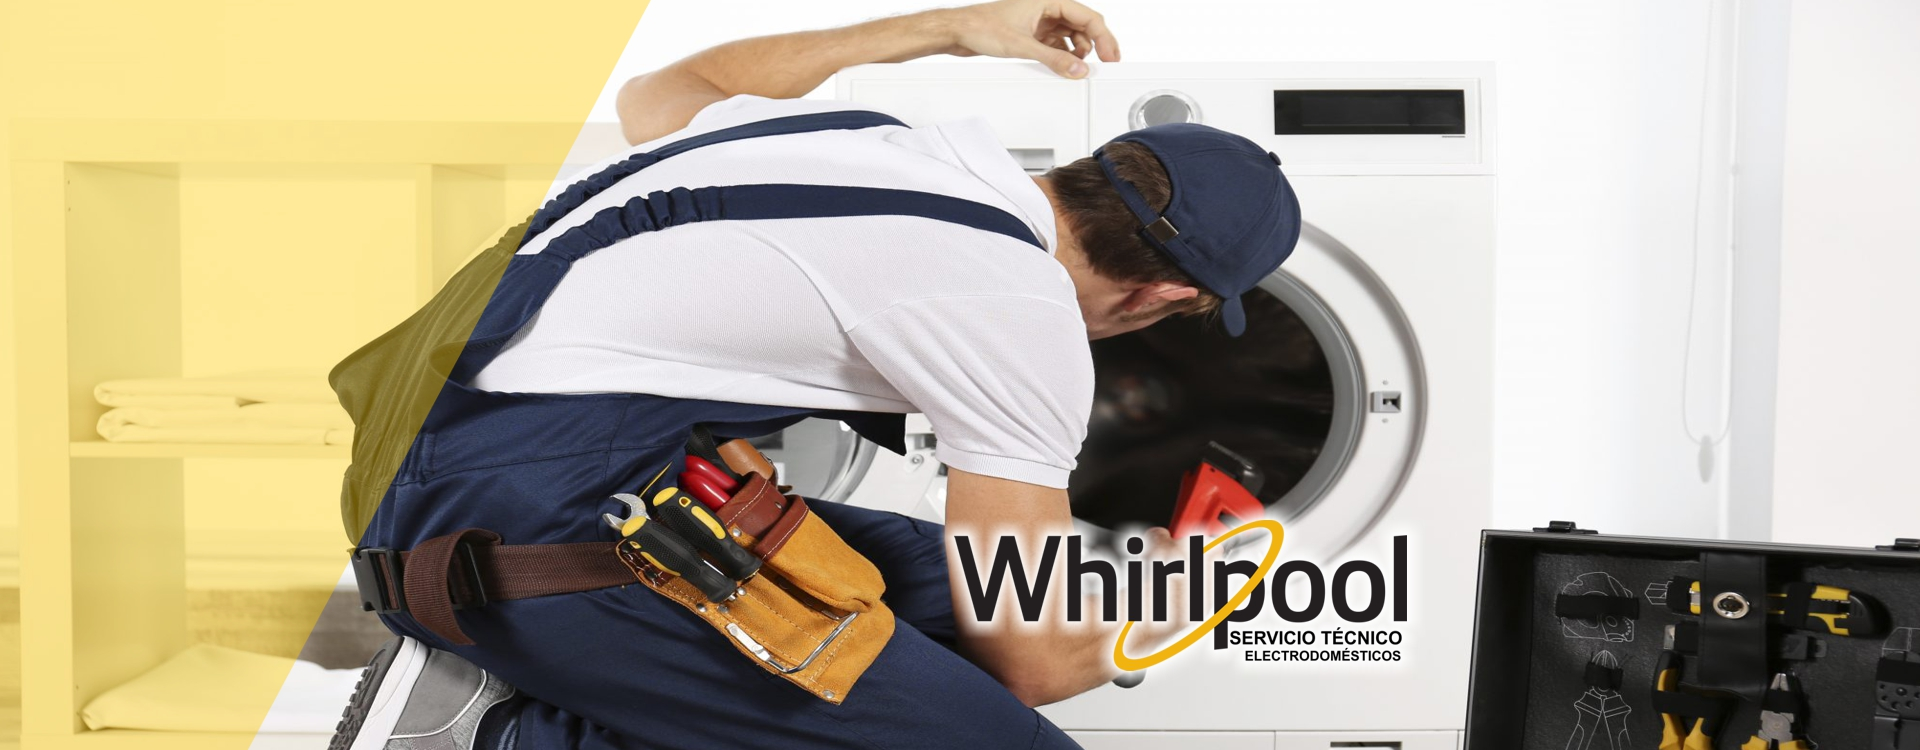 Centro de servicio whirpool mexico for Servicio tecnico whirlpool